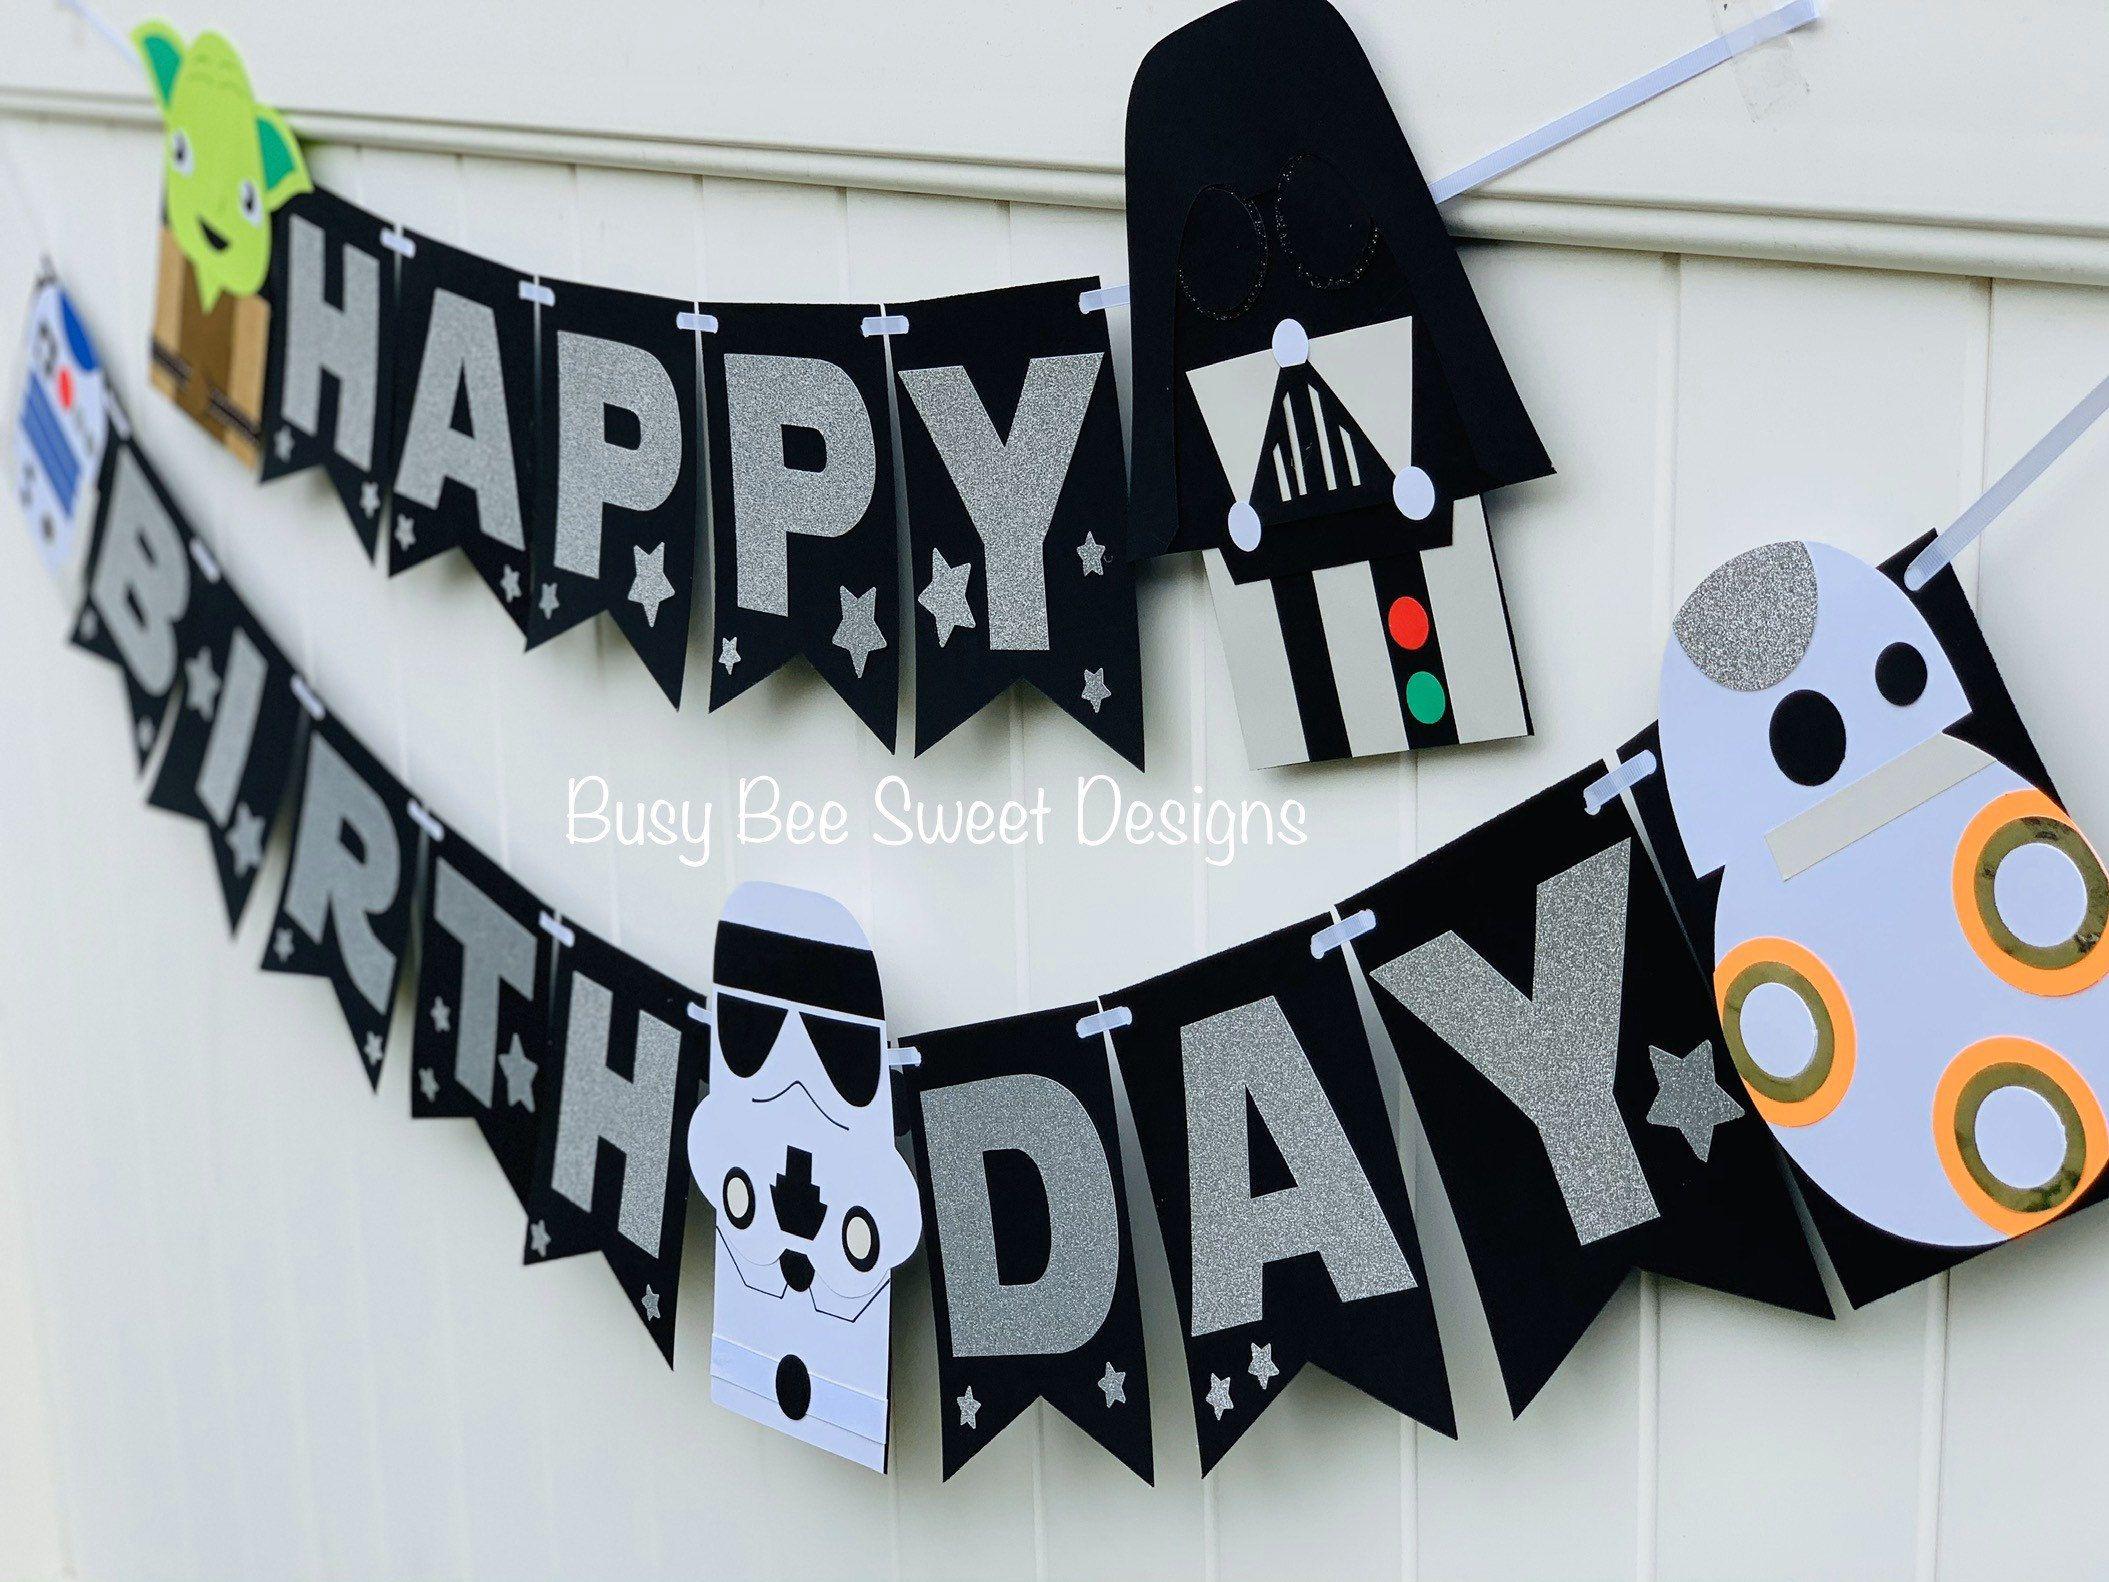 Star Wars Happy Birthday Banner Star Wars Birthday Party Star Wars Party In 2021 Star Wars Happy Birthday Star Wars Birthday Party Star Wars Party